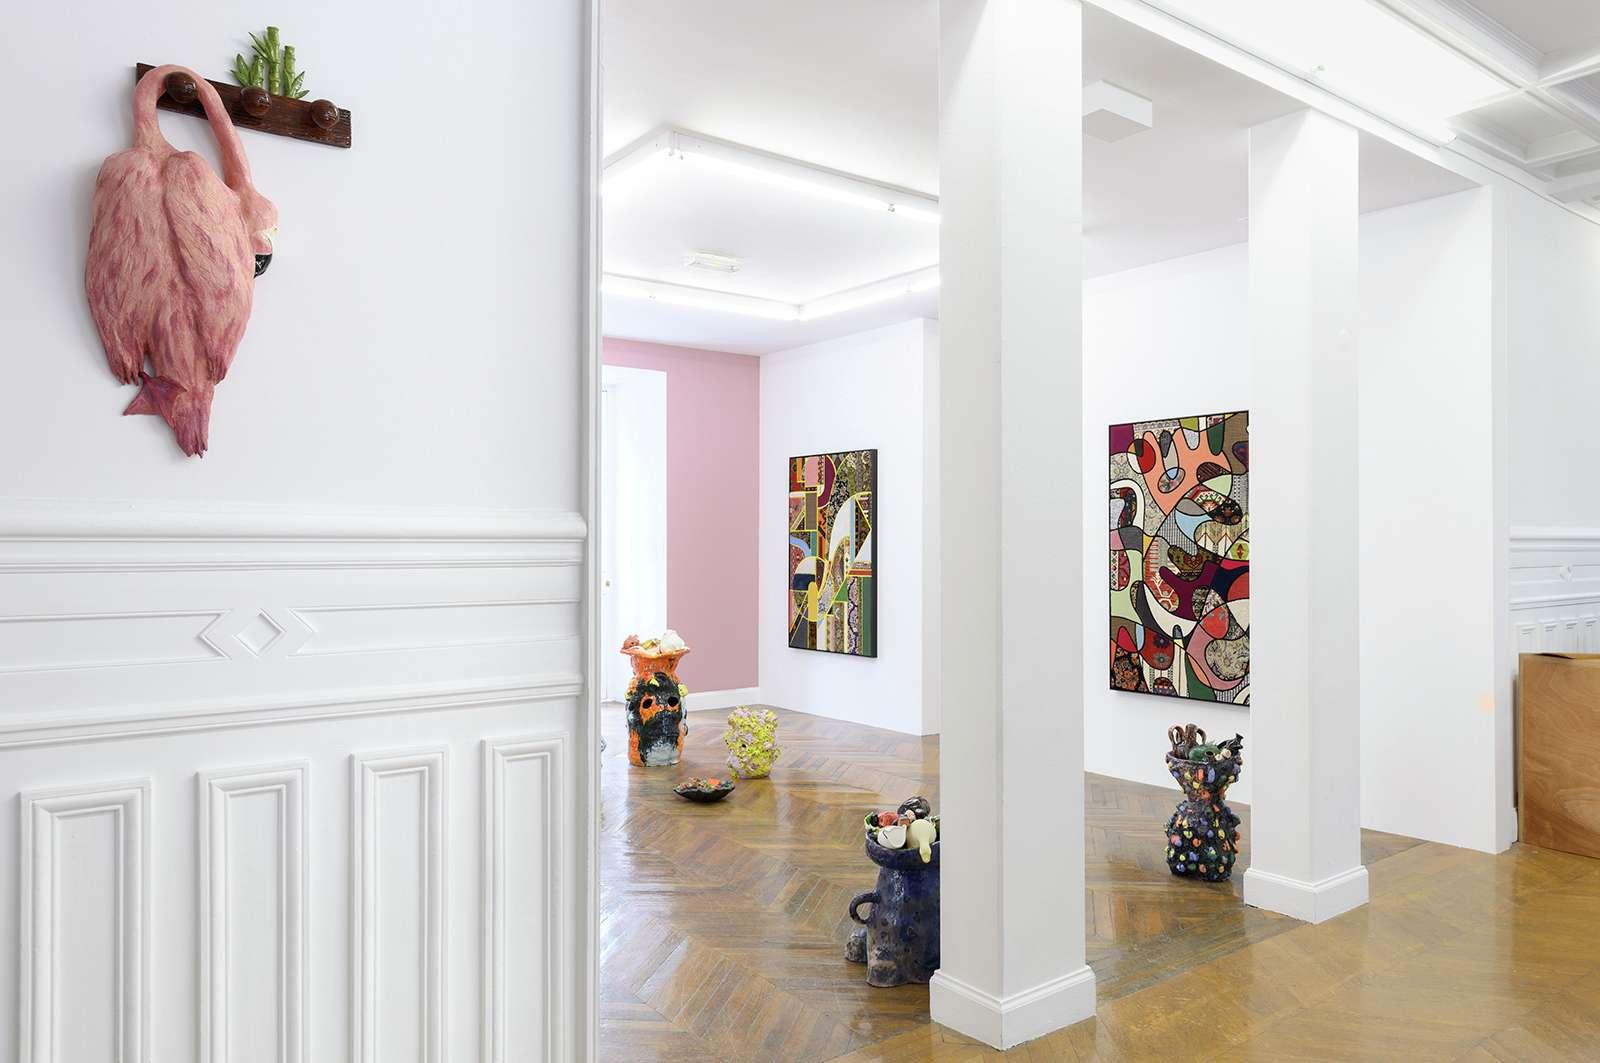 Le Dandy des Gadoues, La Galerie, centre d'art contemporain, Noisy-le-Sec (FR) 14 septembre — 14 décembre 2019 © Pierre Antoine